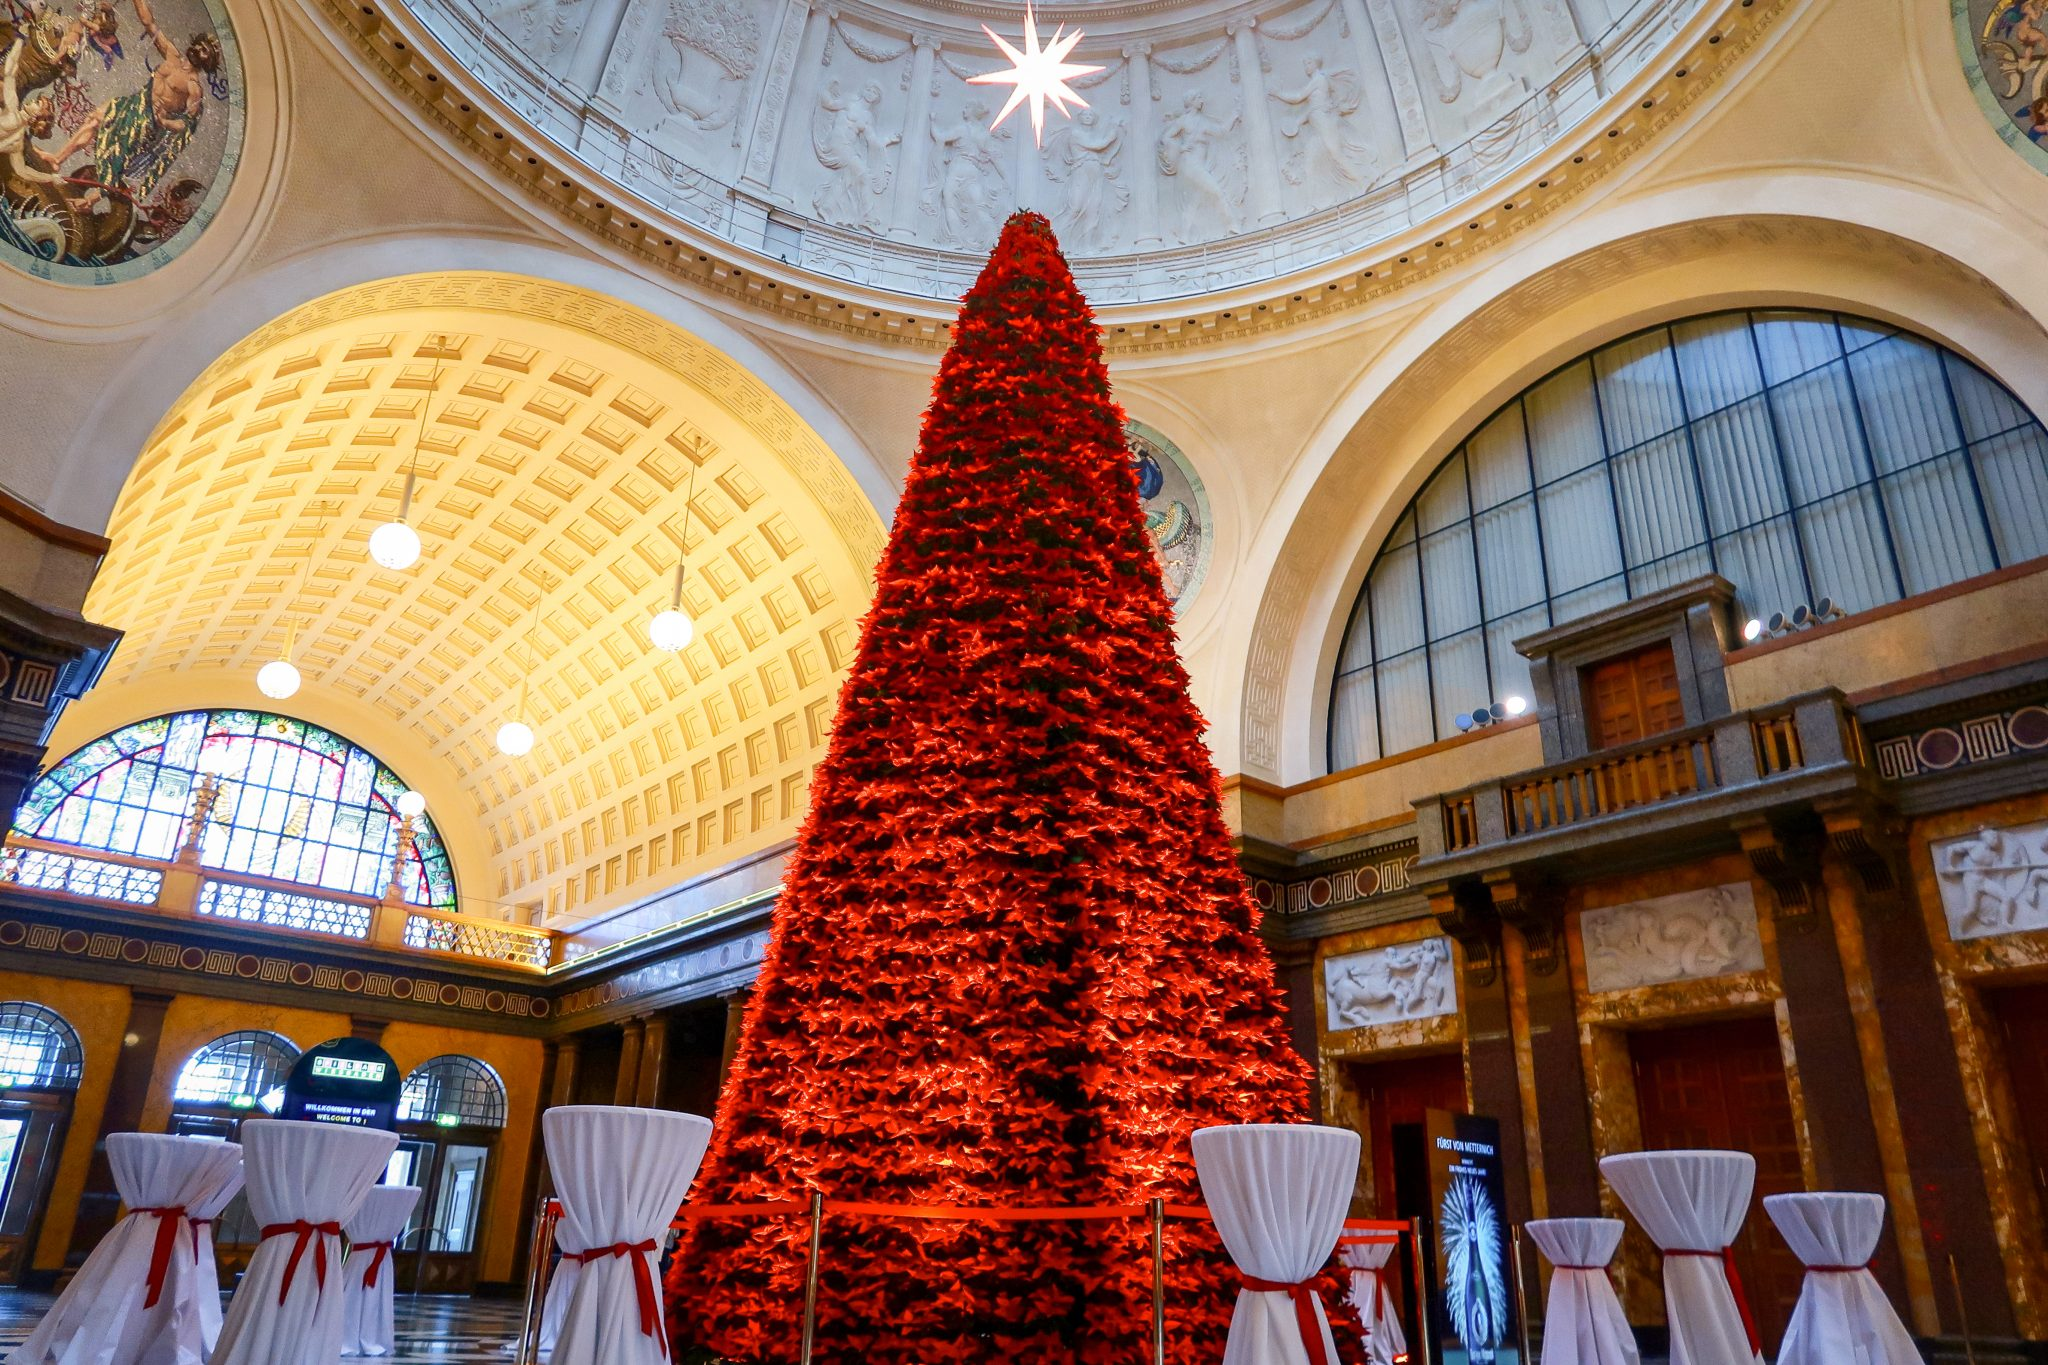 Wiesbaden, Sternschnuppenmarkt: Der Baum ist 8,15 Meter hoch mit über 2.000 frischen roten Weihnachtssternen geschmückt.